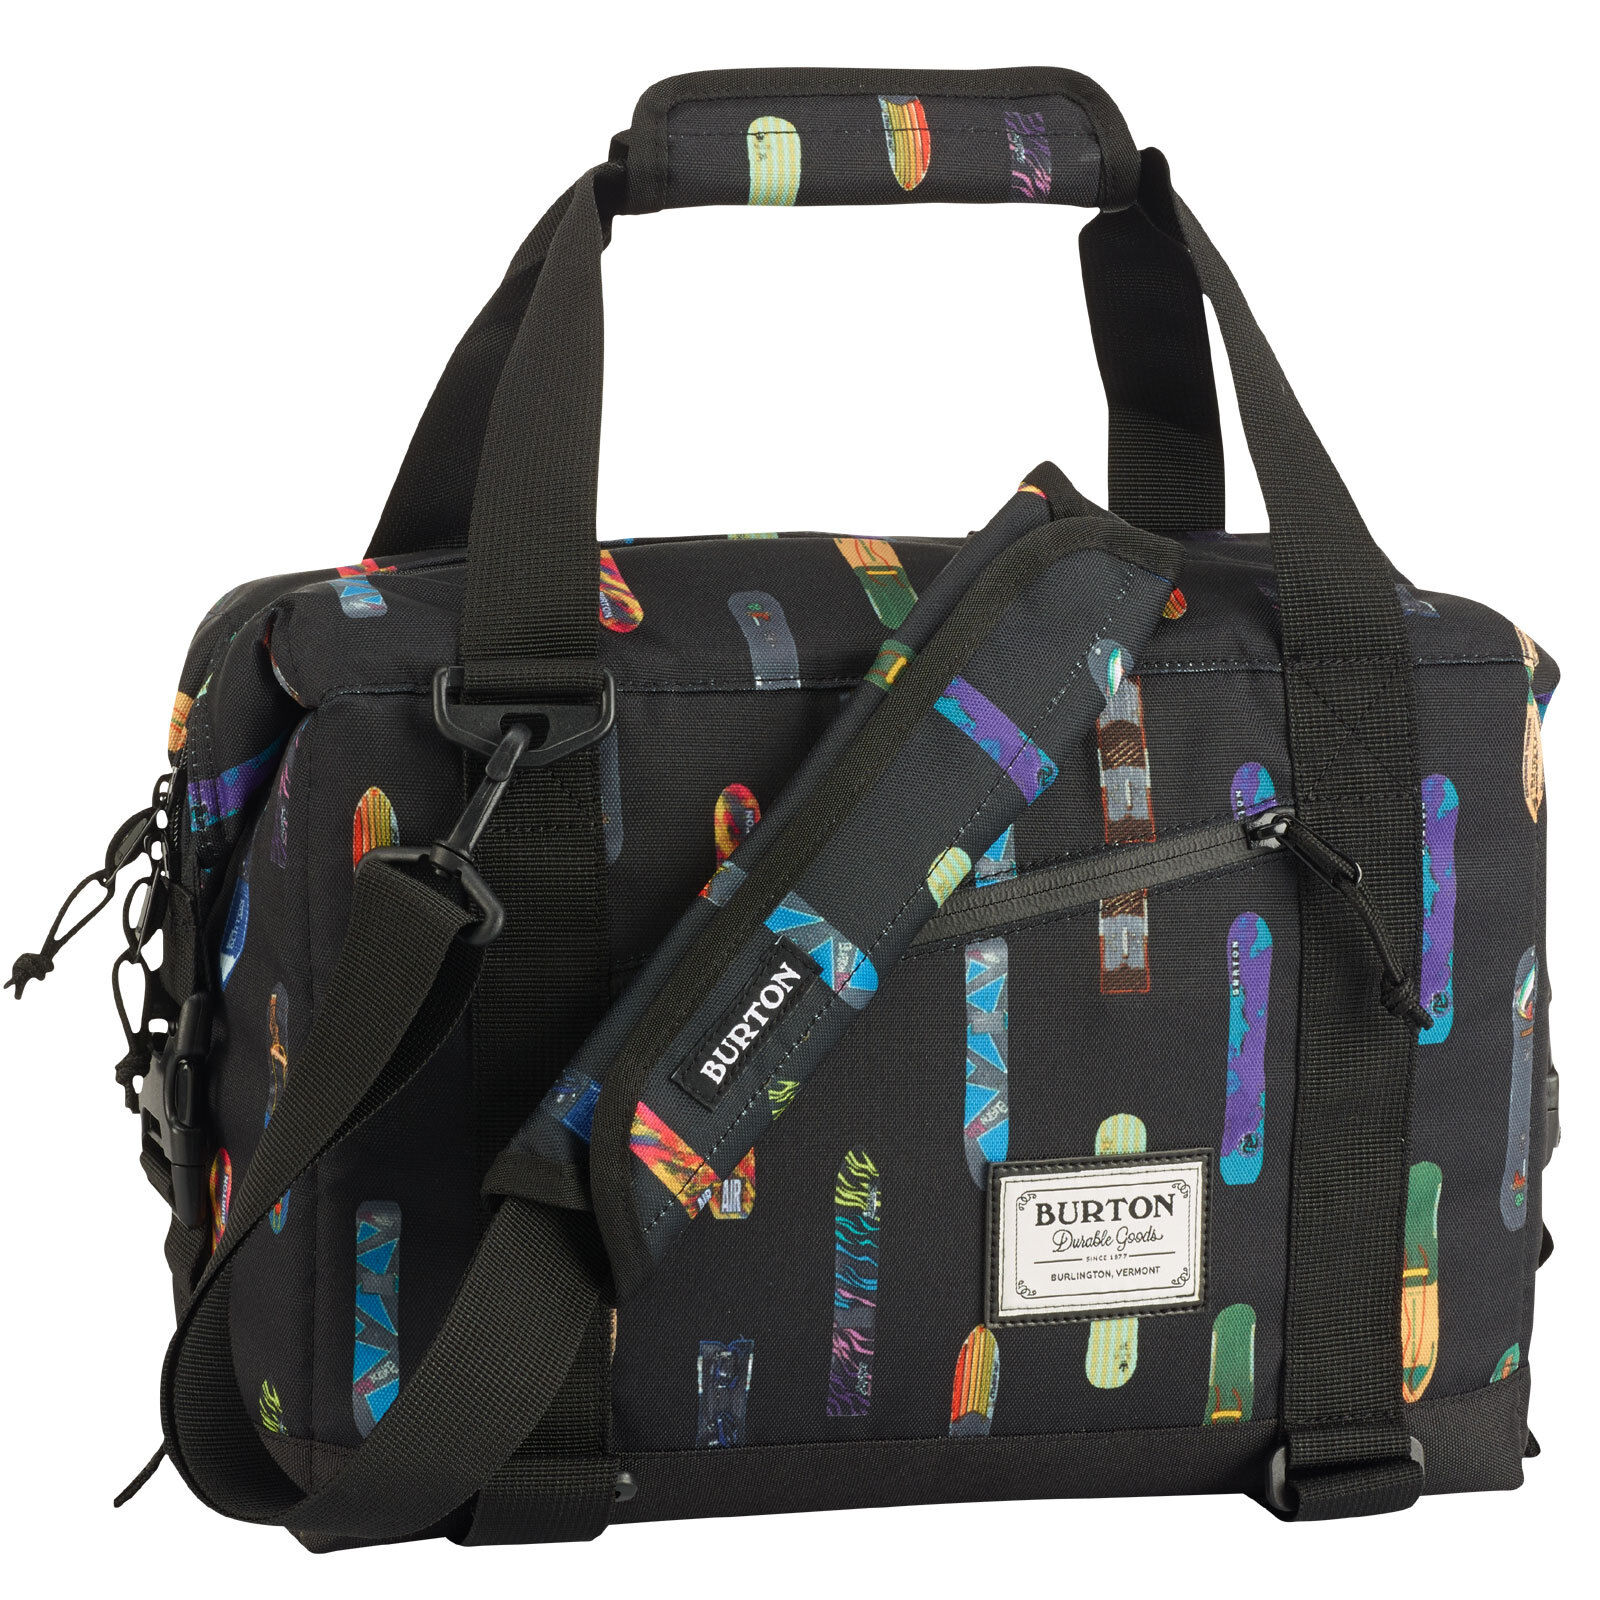 Burton Lil Buddy - Cooler Bag Cool Shoulder Box Shoulder Cool Bag 095782